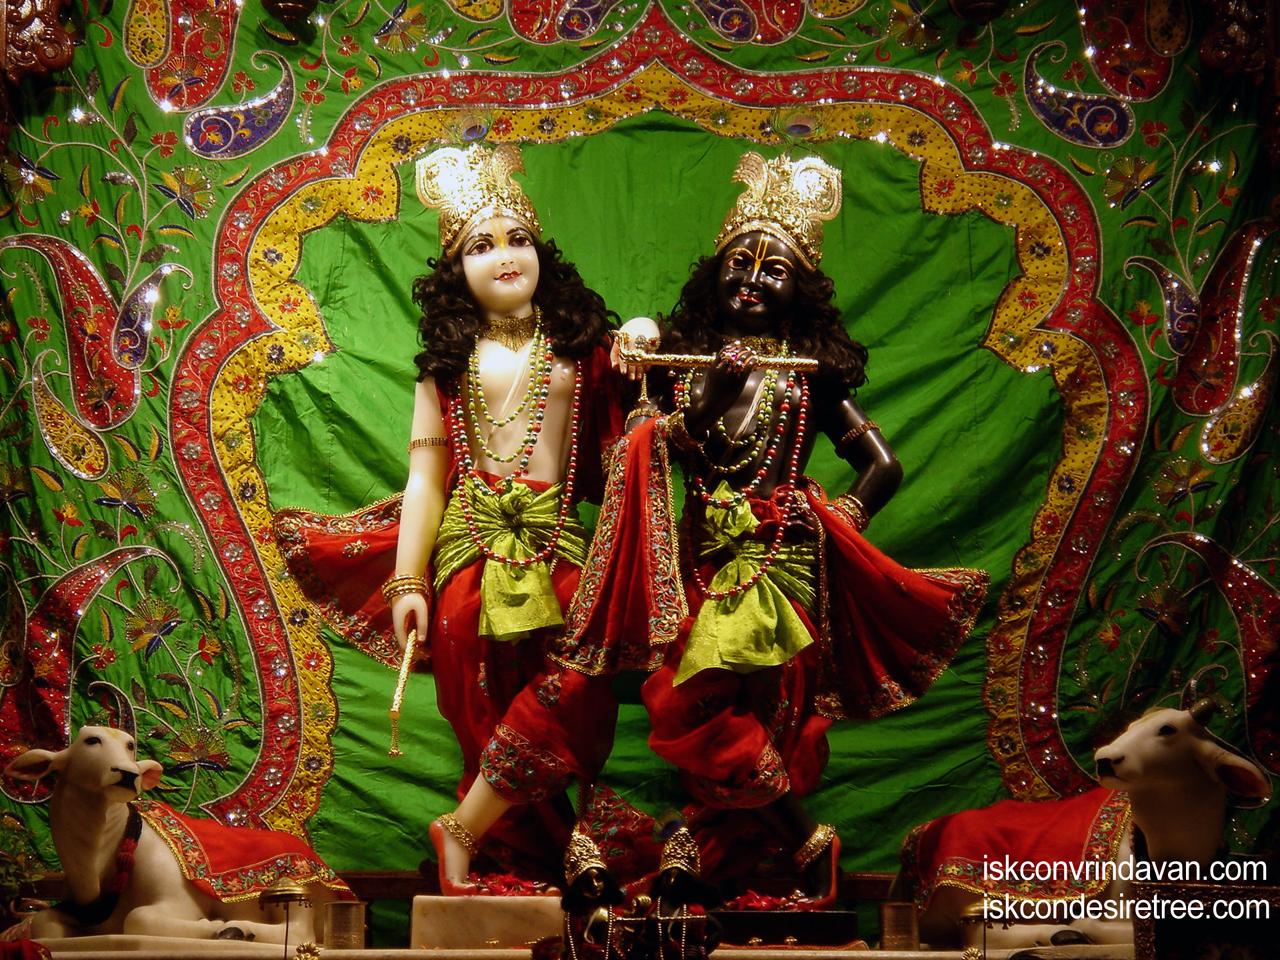 Sri Sri Krishna Balaram Wallpaper (066) Size 1280x960 Download